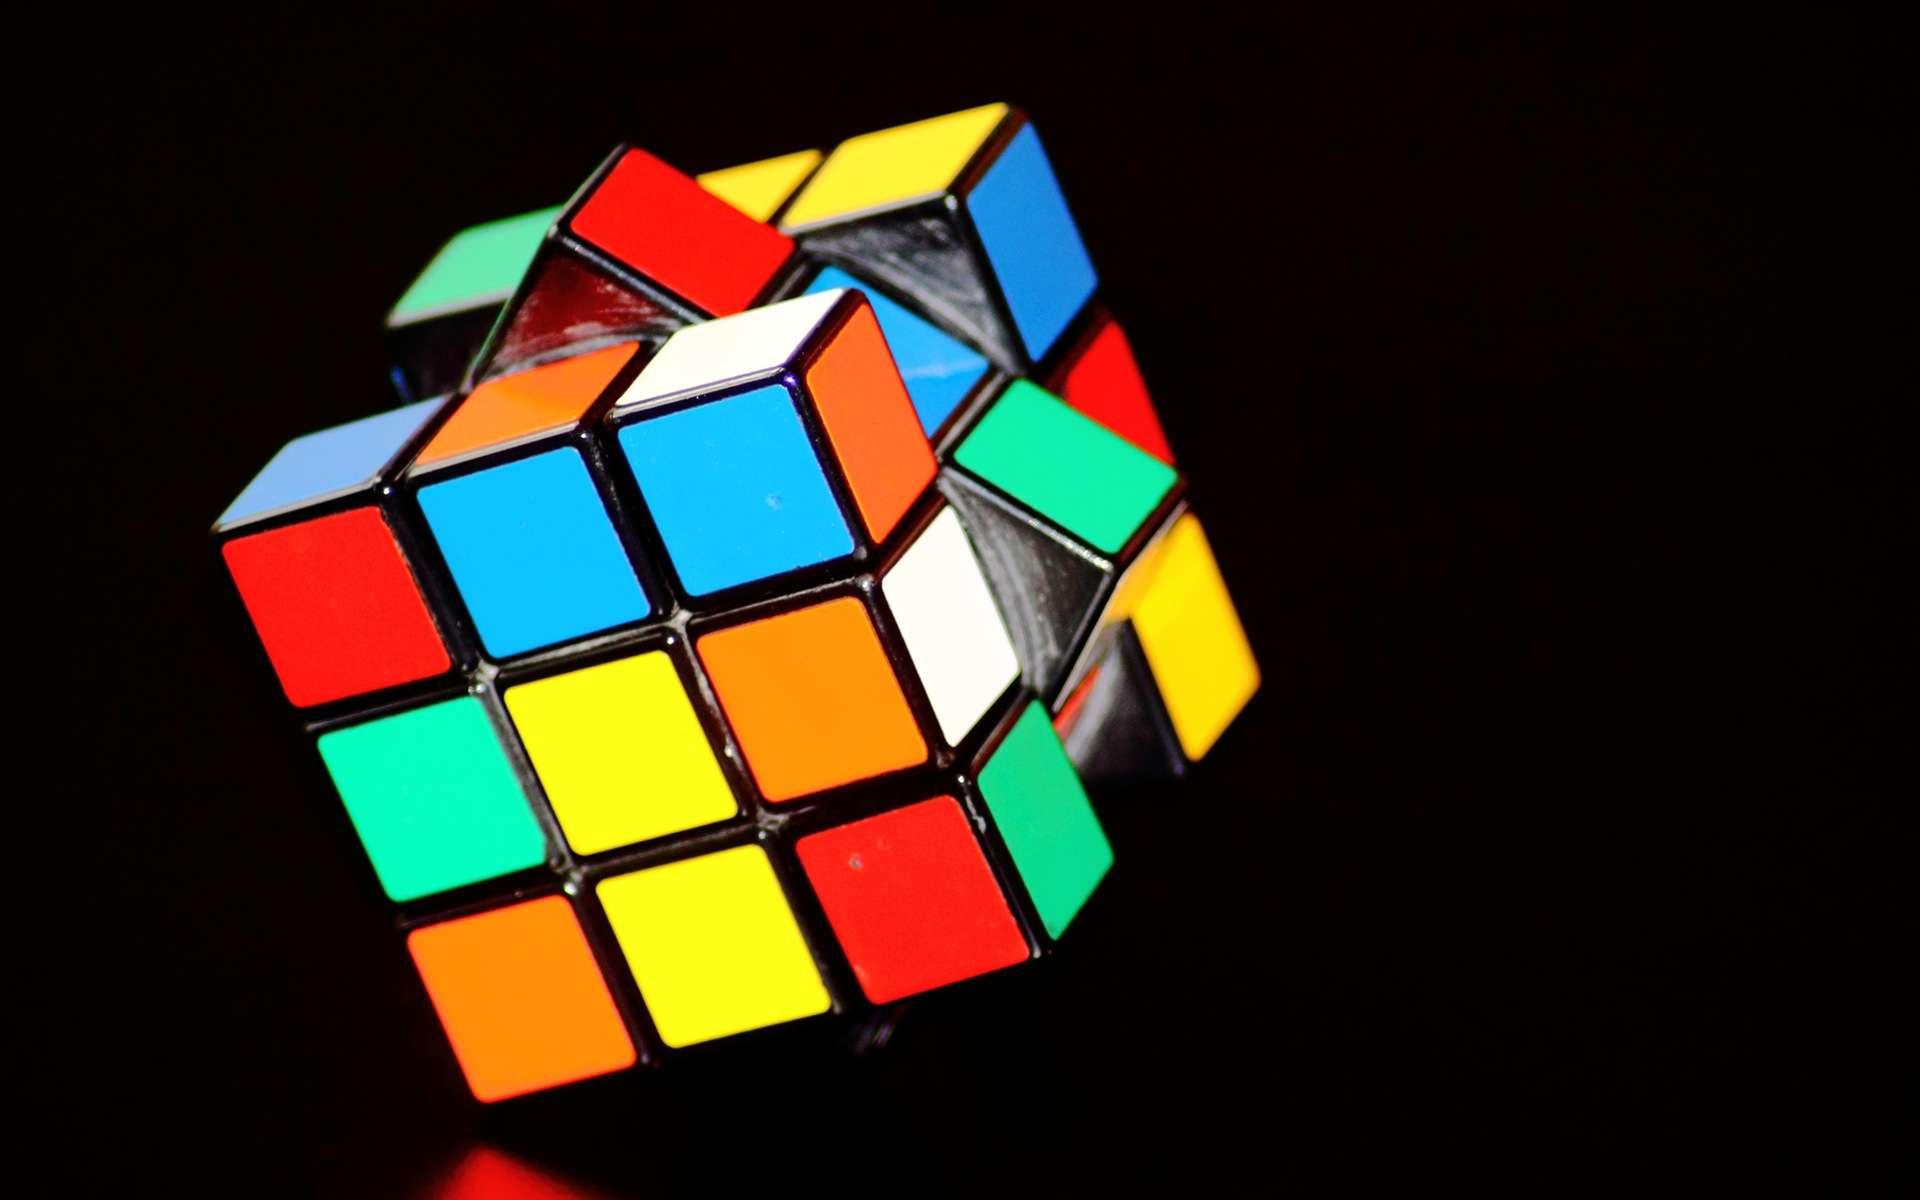 Comment fonctionne un Rubik's Cube ? © DomenicBlair, Pixabay, DP